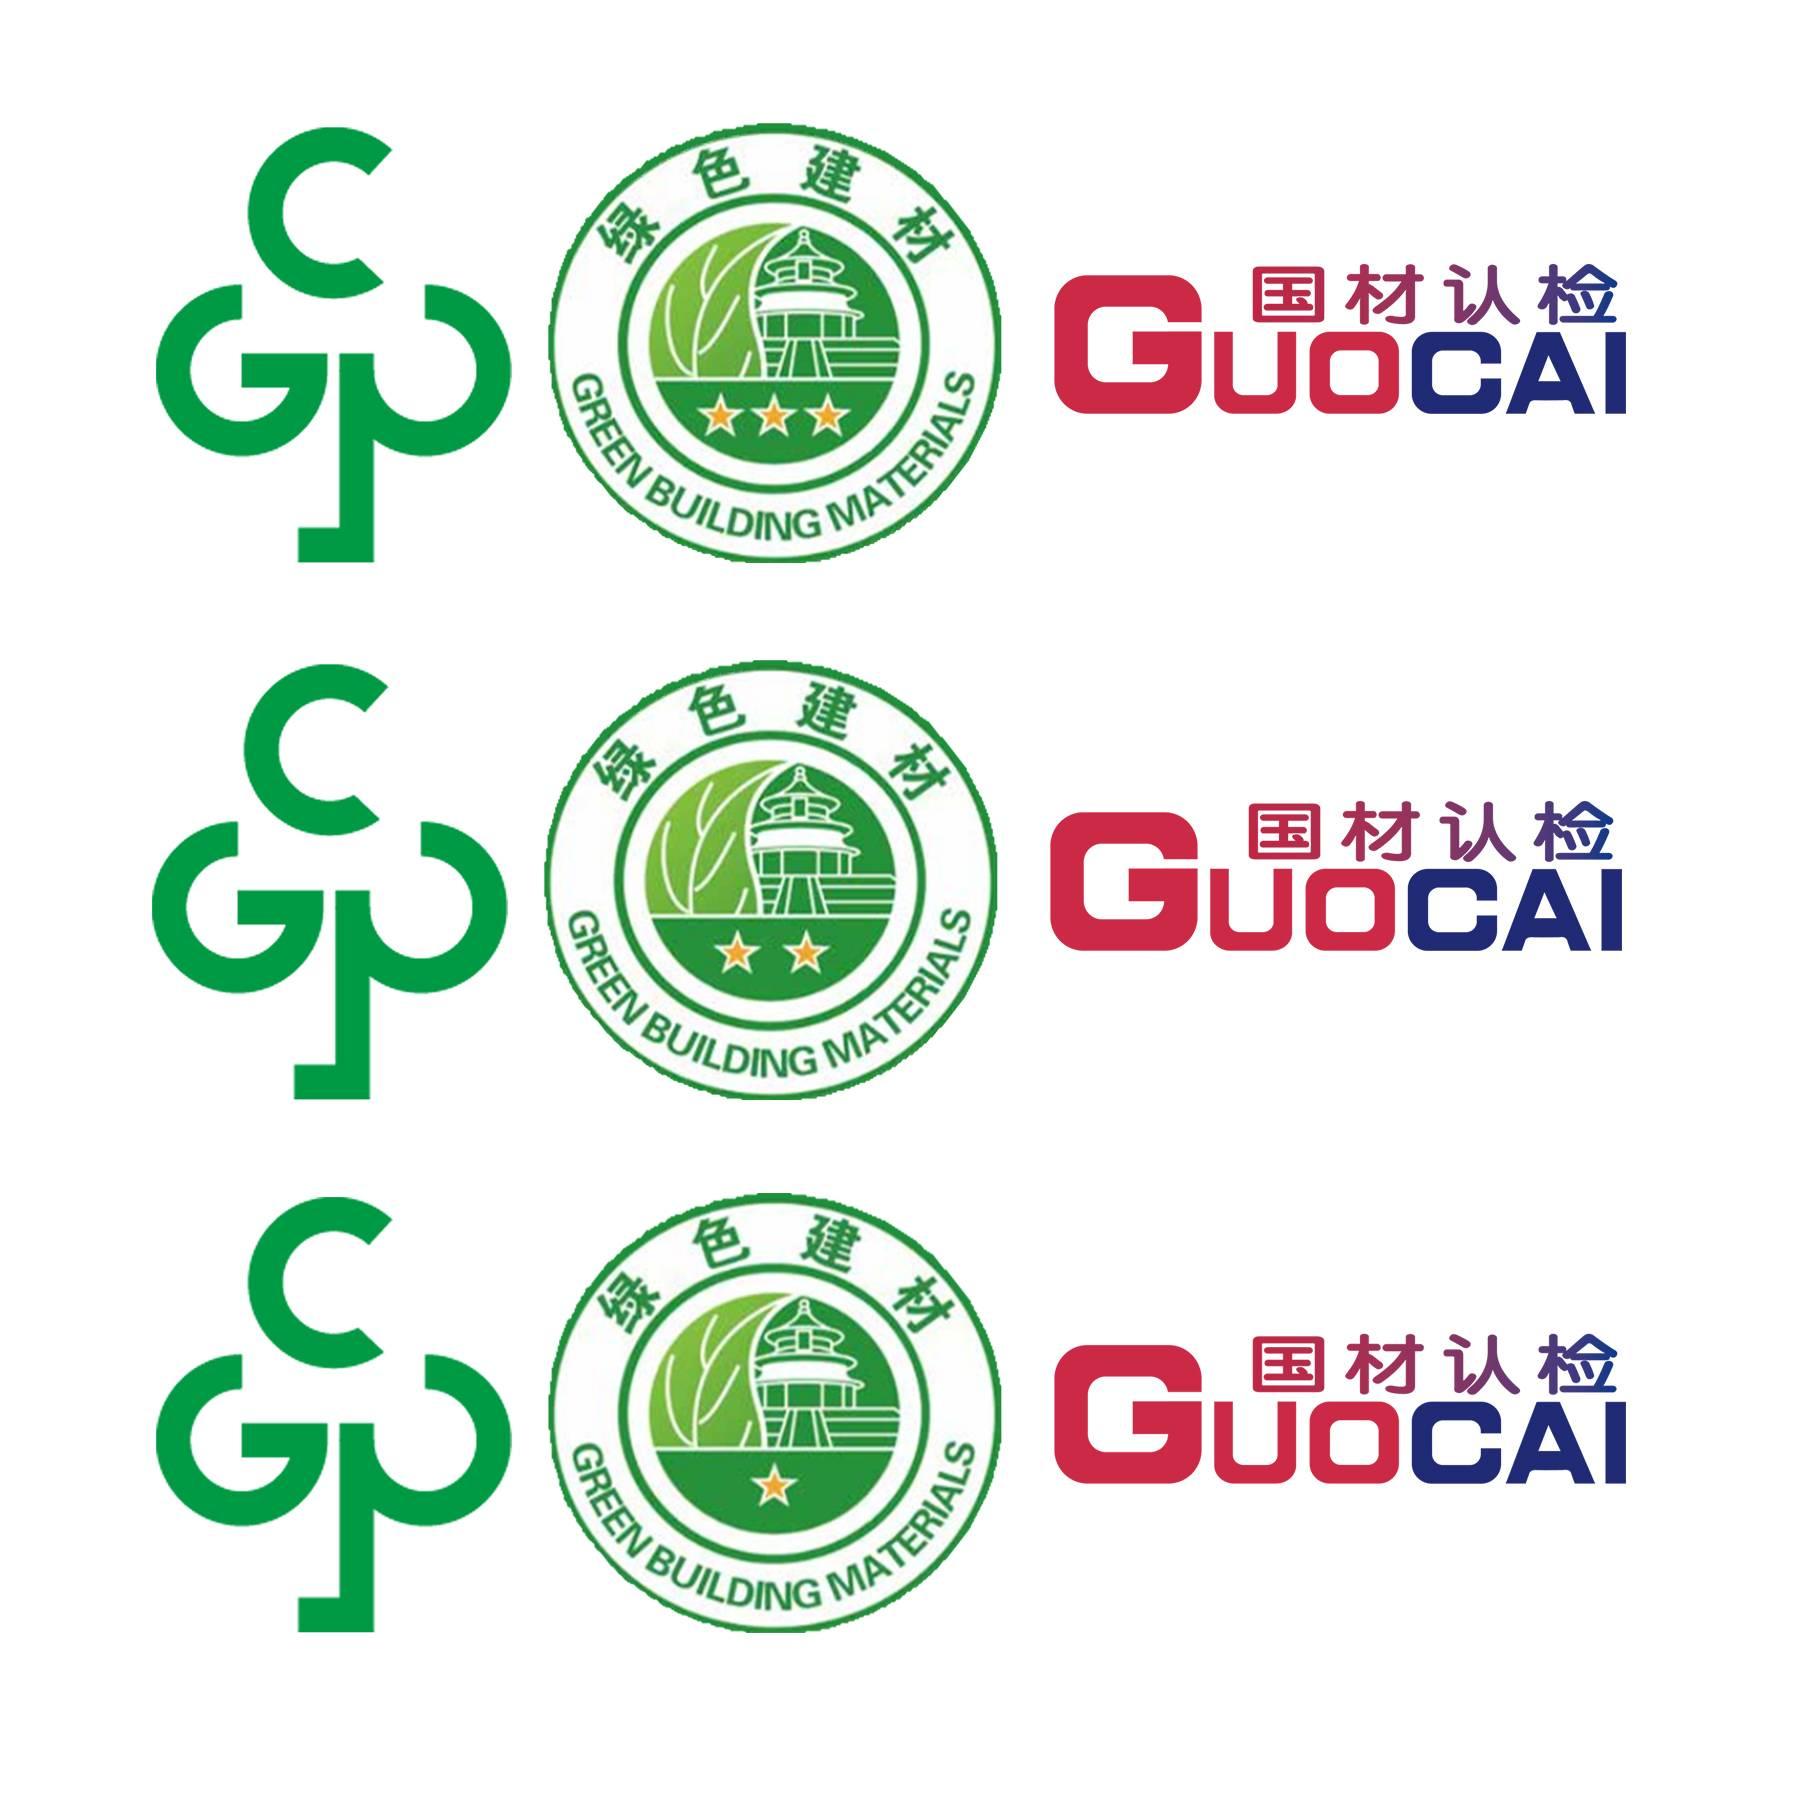 证书logo.jpg